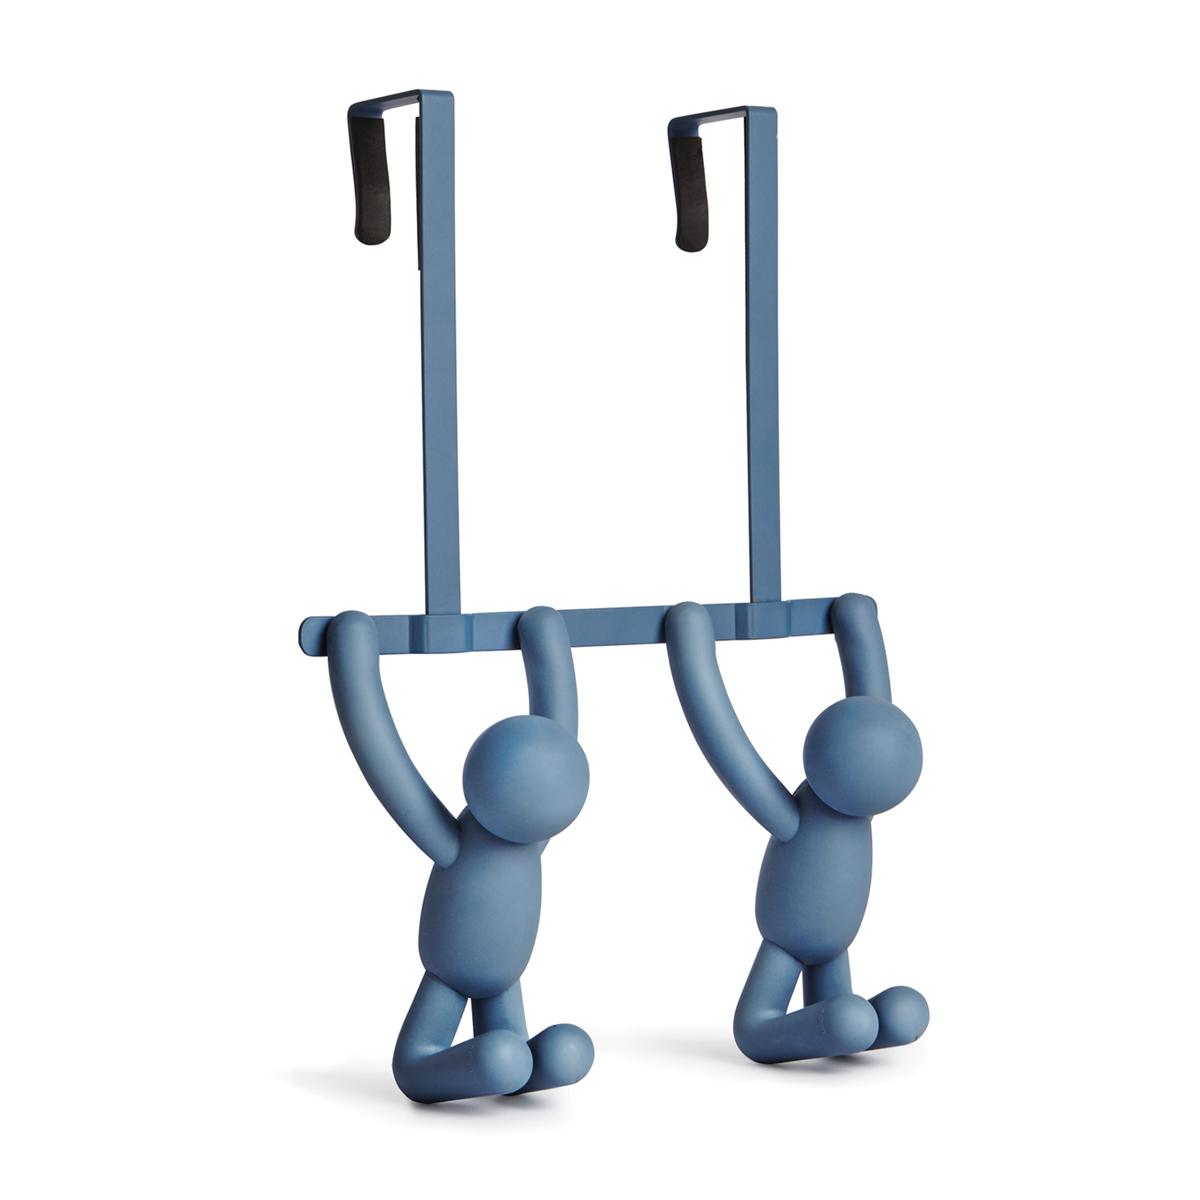 Вешалка на дверь Umbra Buddy, цвет: синий1004260-755Вешалка на дверь Umbra Buddy изготовлена из пластика и металла. Изделие представляет собой двойные крючки с креплением на дверь. Крючки могут легко перемещаться с двери в ванную на дверь в спальню и обратно. Крючки рассчитаны на межкомнатные двери стандартной глубины. Внутри каждого крючка предусмотрены мягкие амортизаторы, защищающие дверь от царапин.